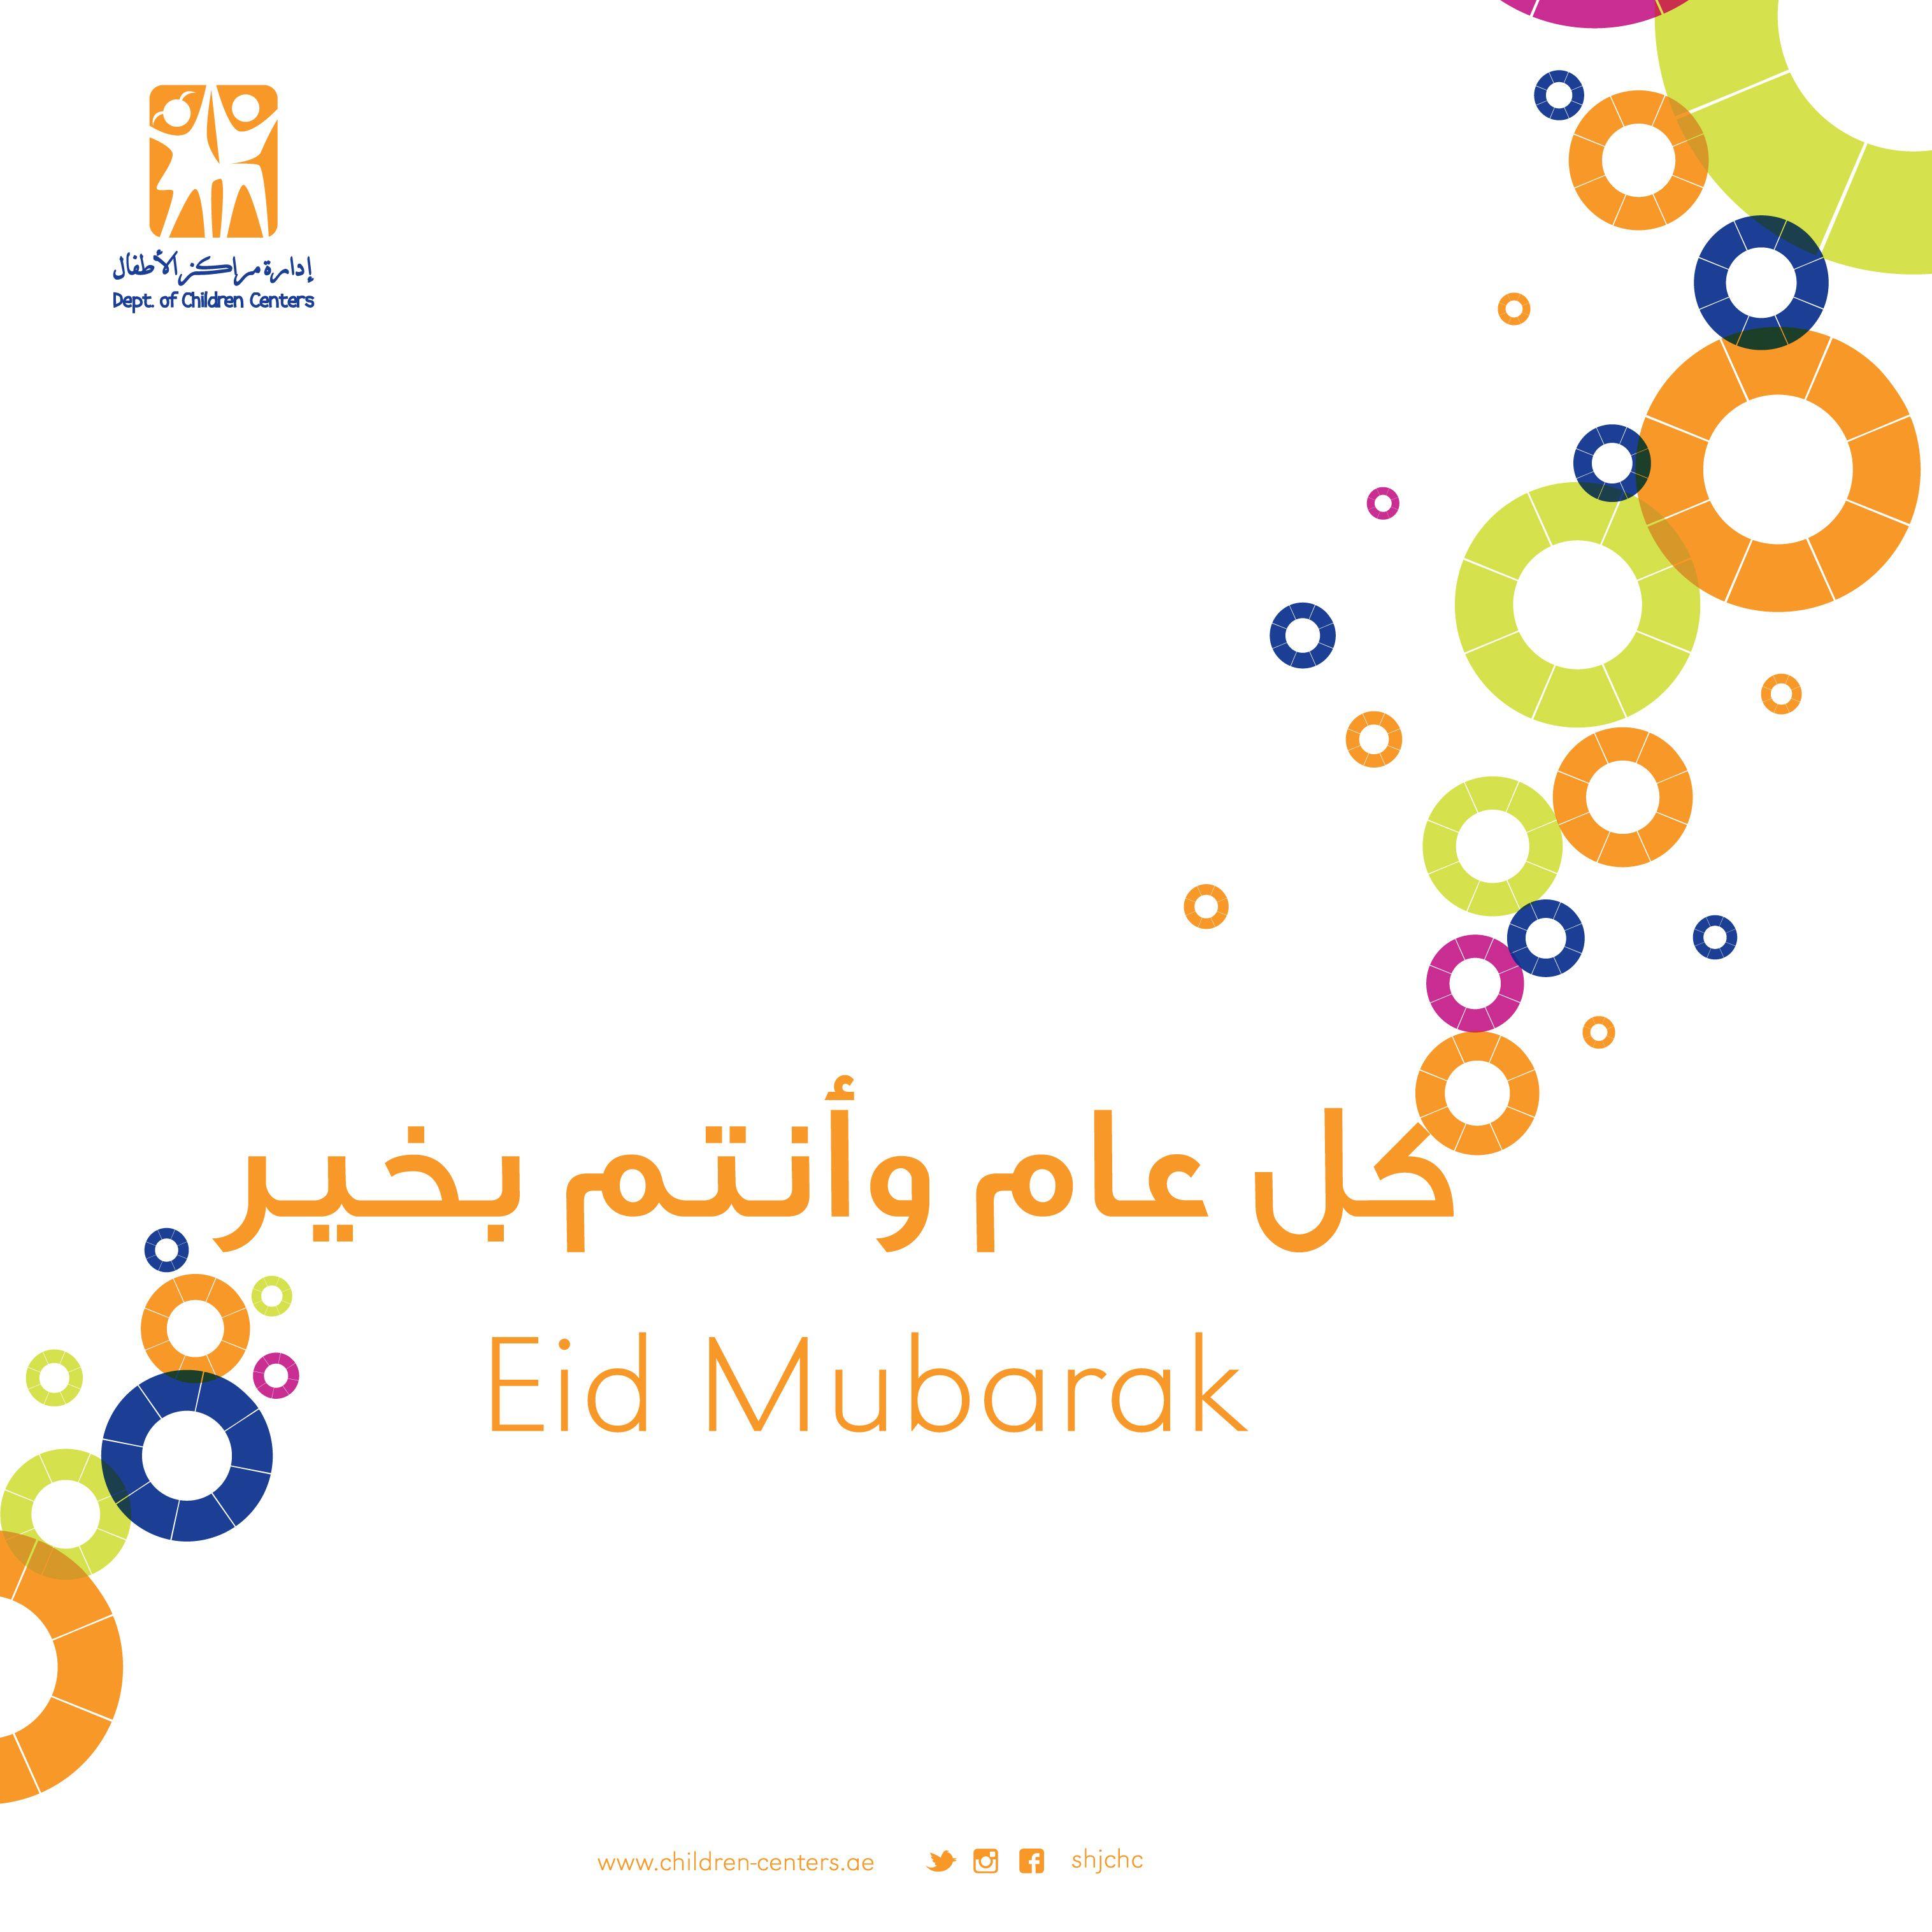 عيدكم مبارك Eid Mubarak Eid Canter